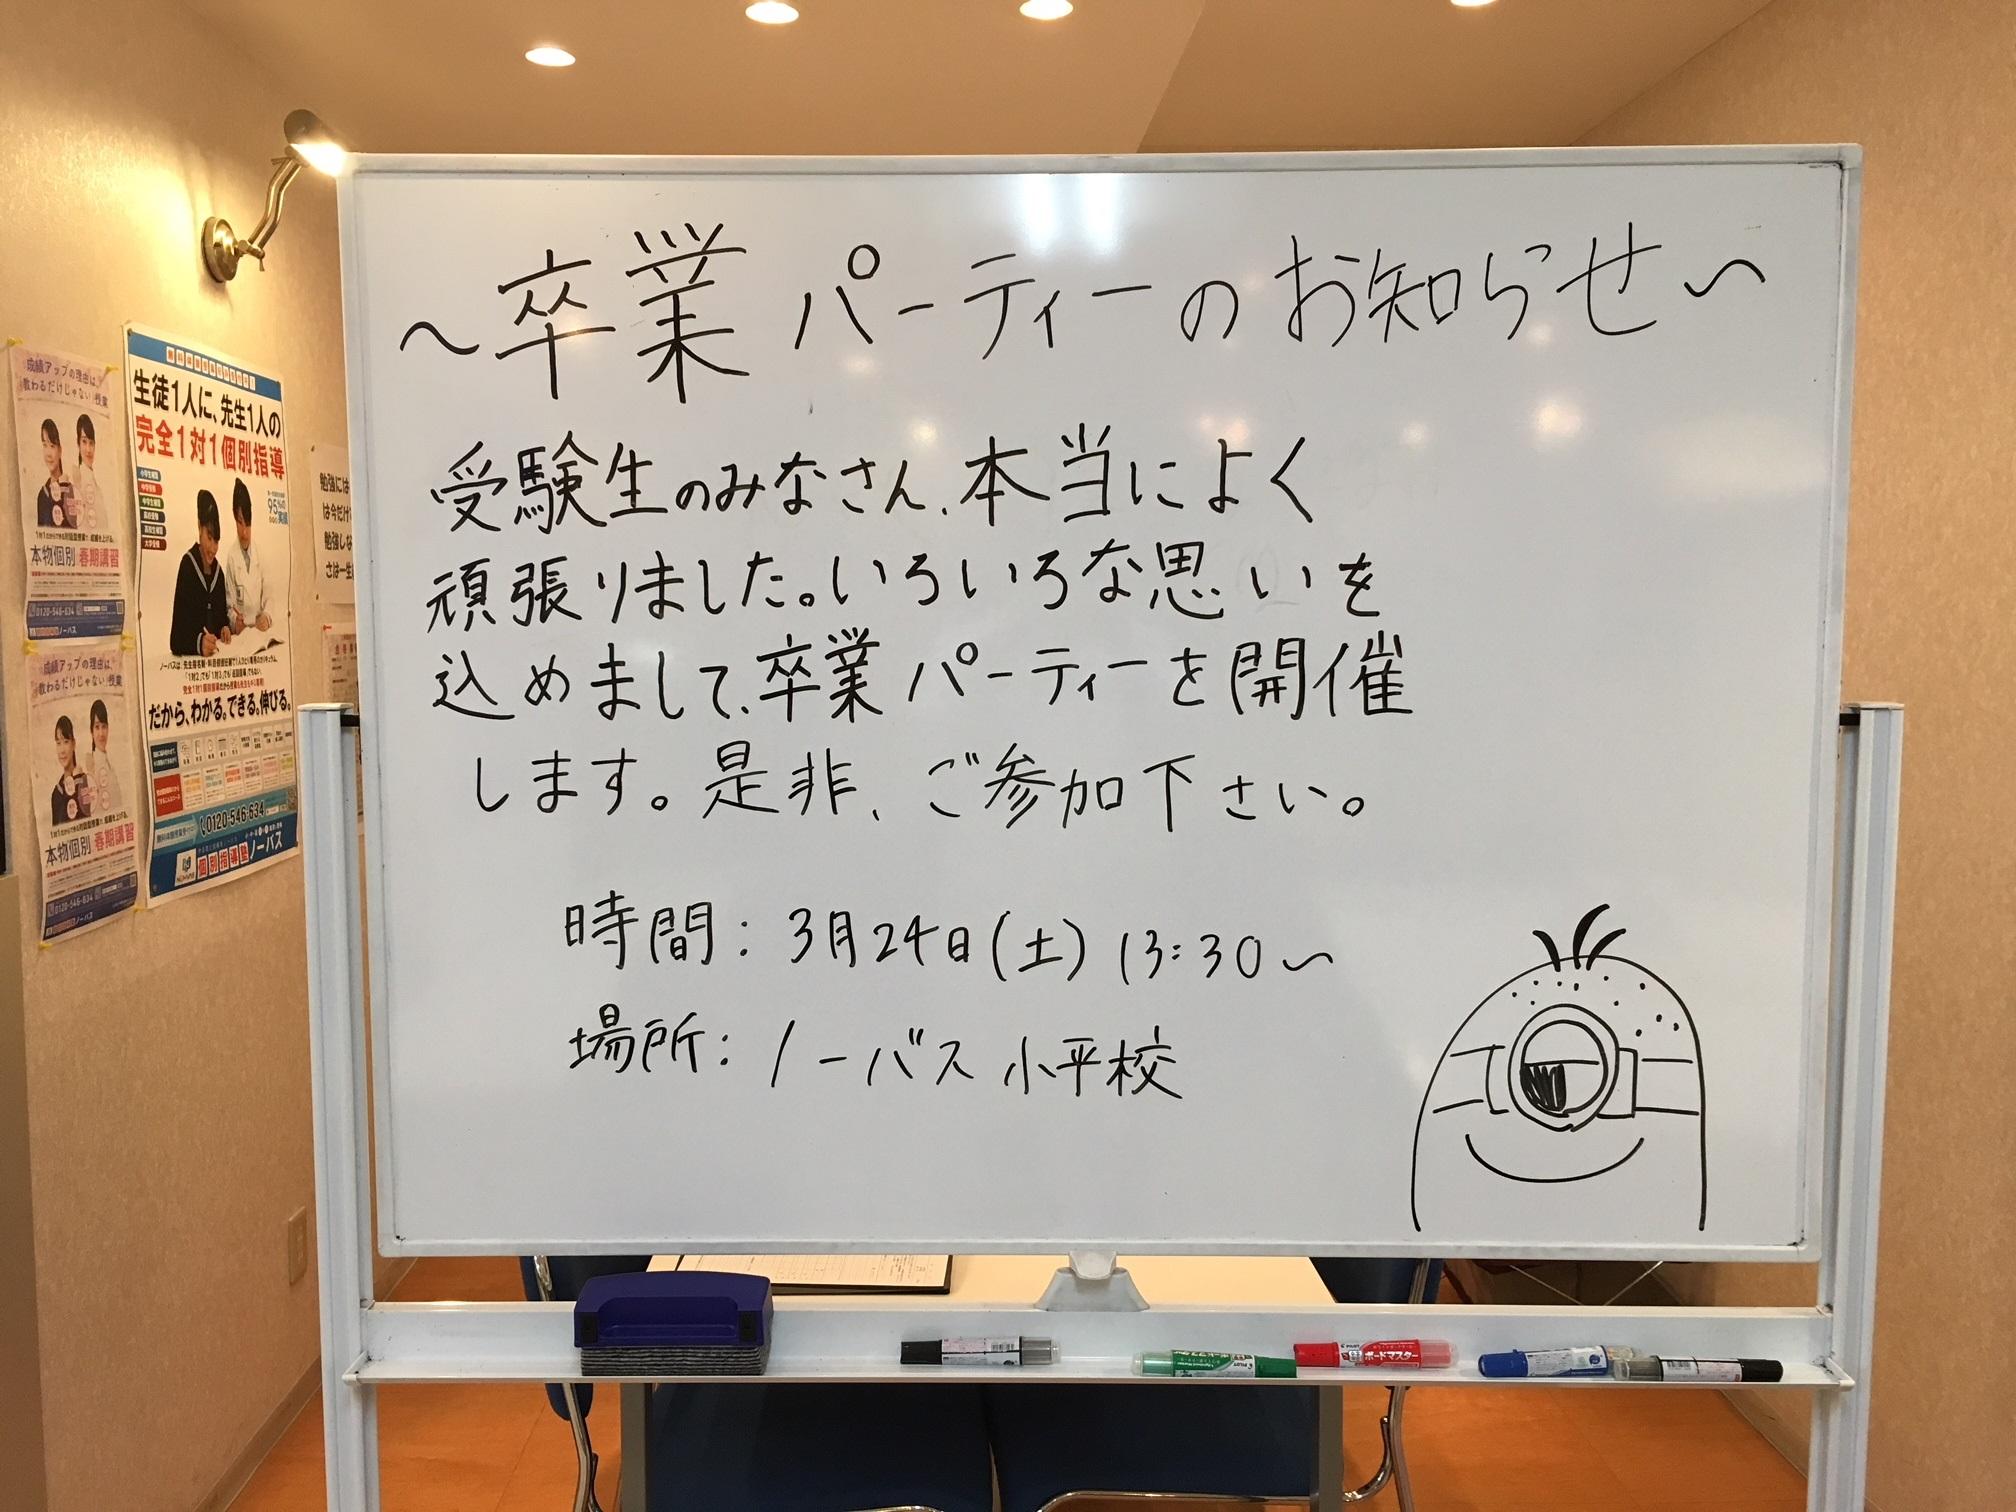 卒業パーティーのお知らせ